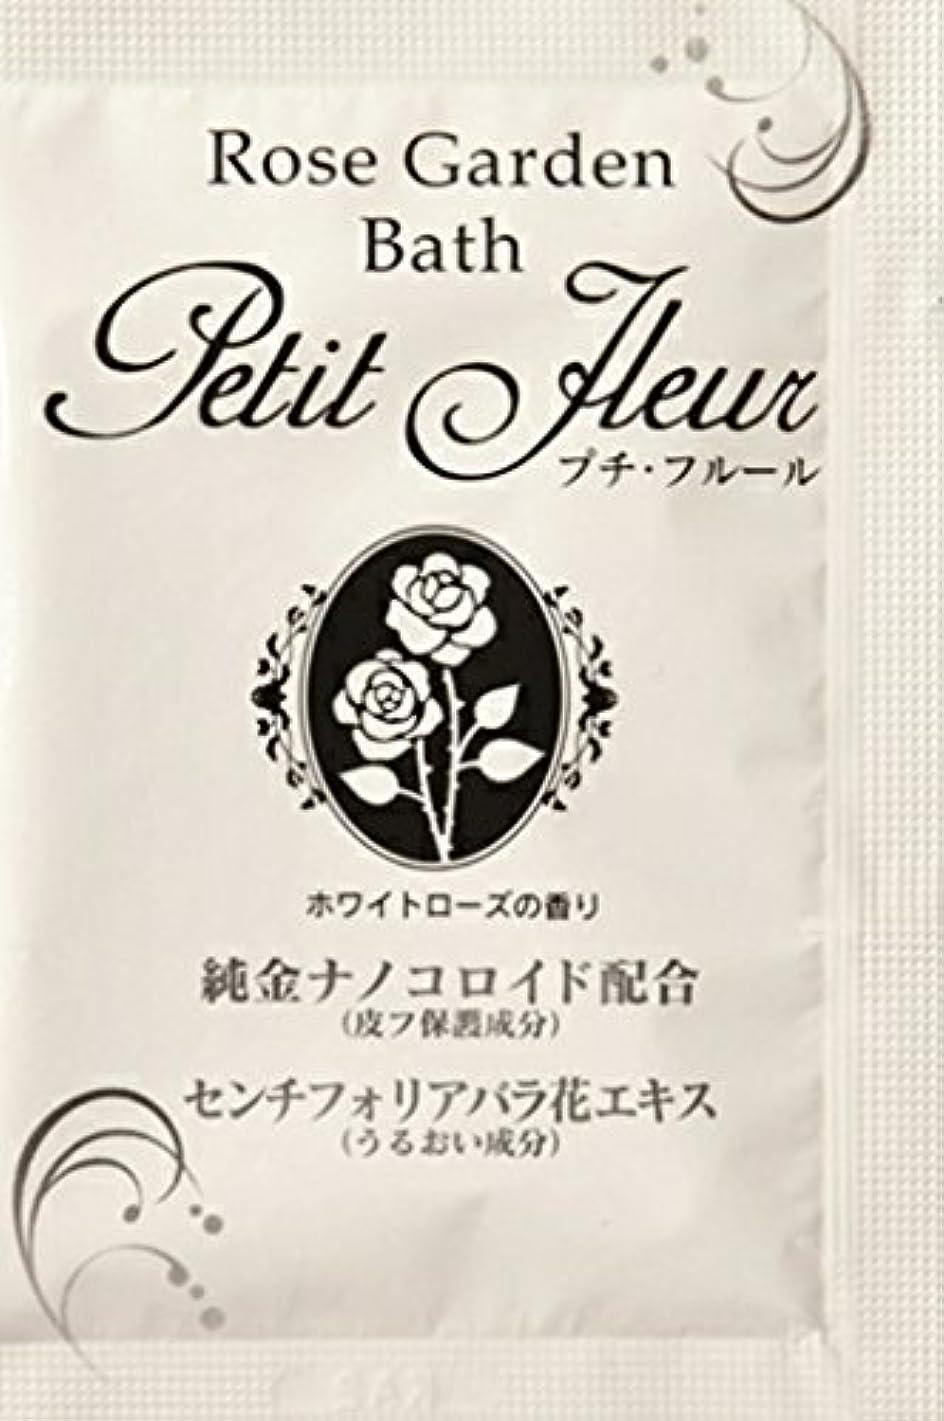 メダル解体する古い入浴剤 プチフル-ル(ホワイトロ-ズの香り)20g